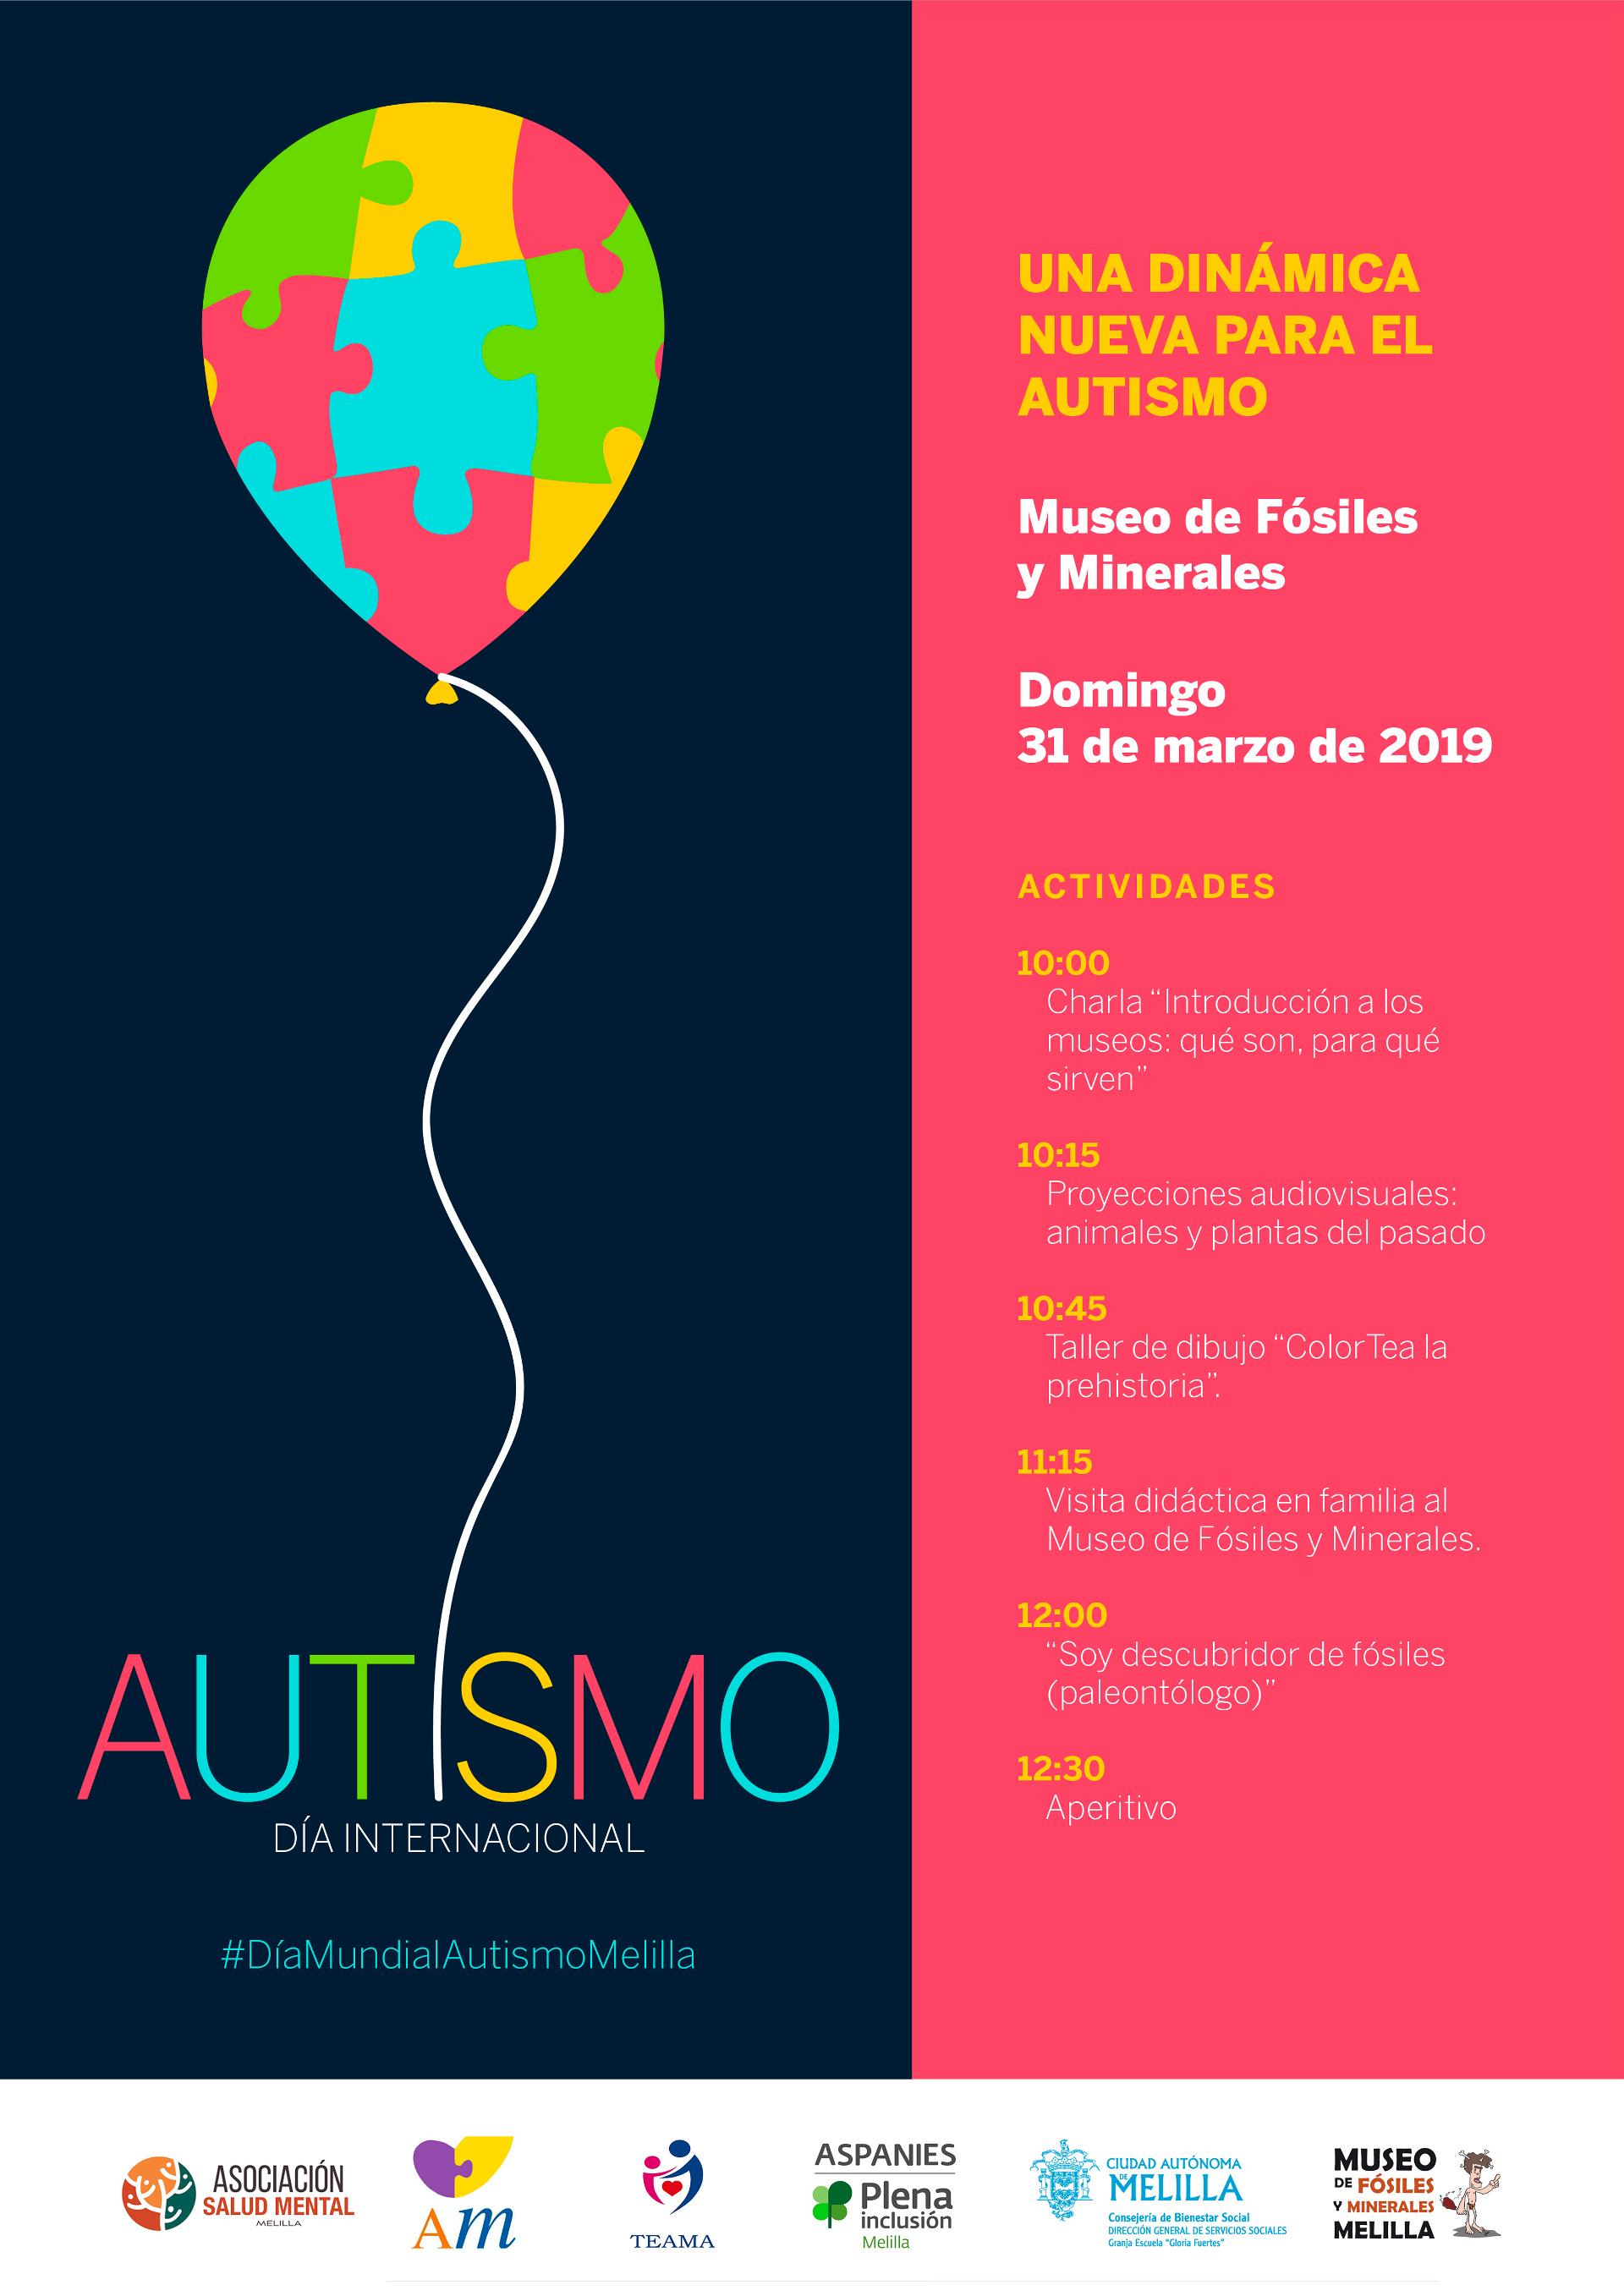 Día Internacional Del Autismo 2019 Granja Melilla